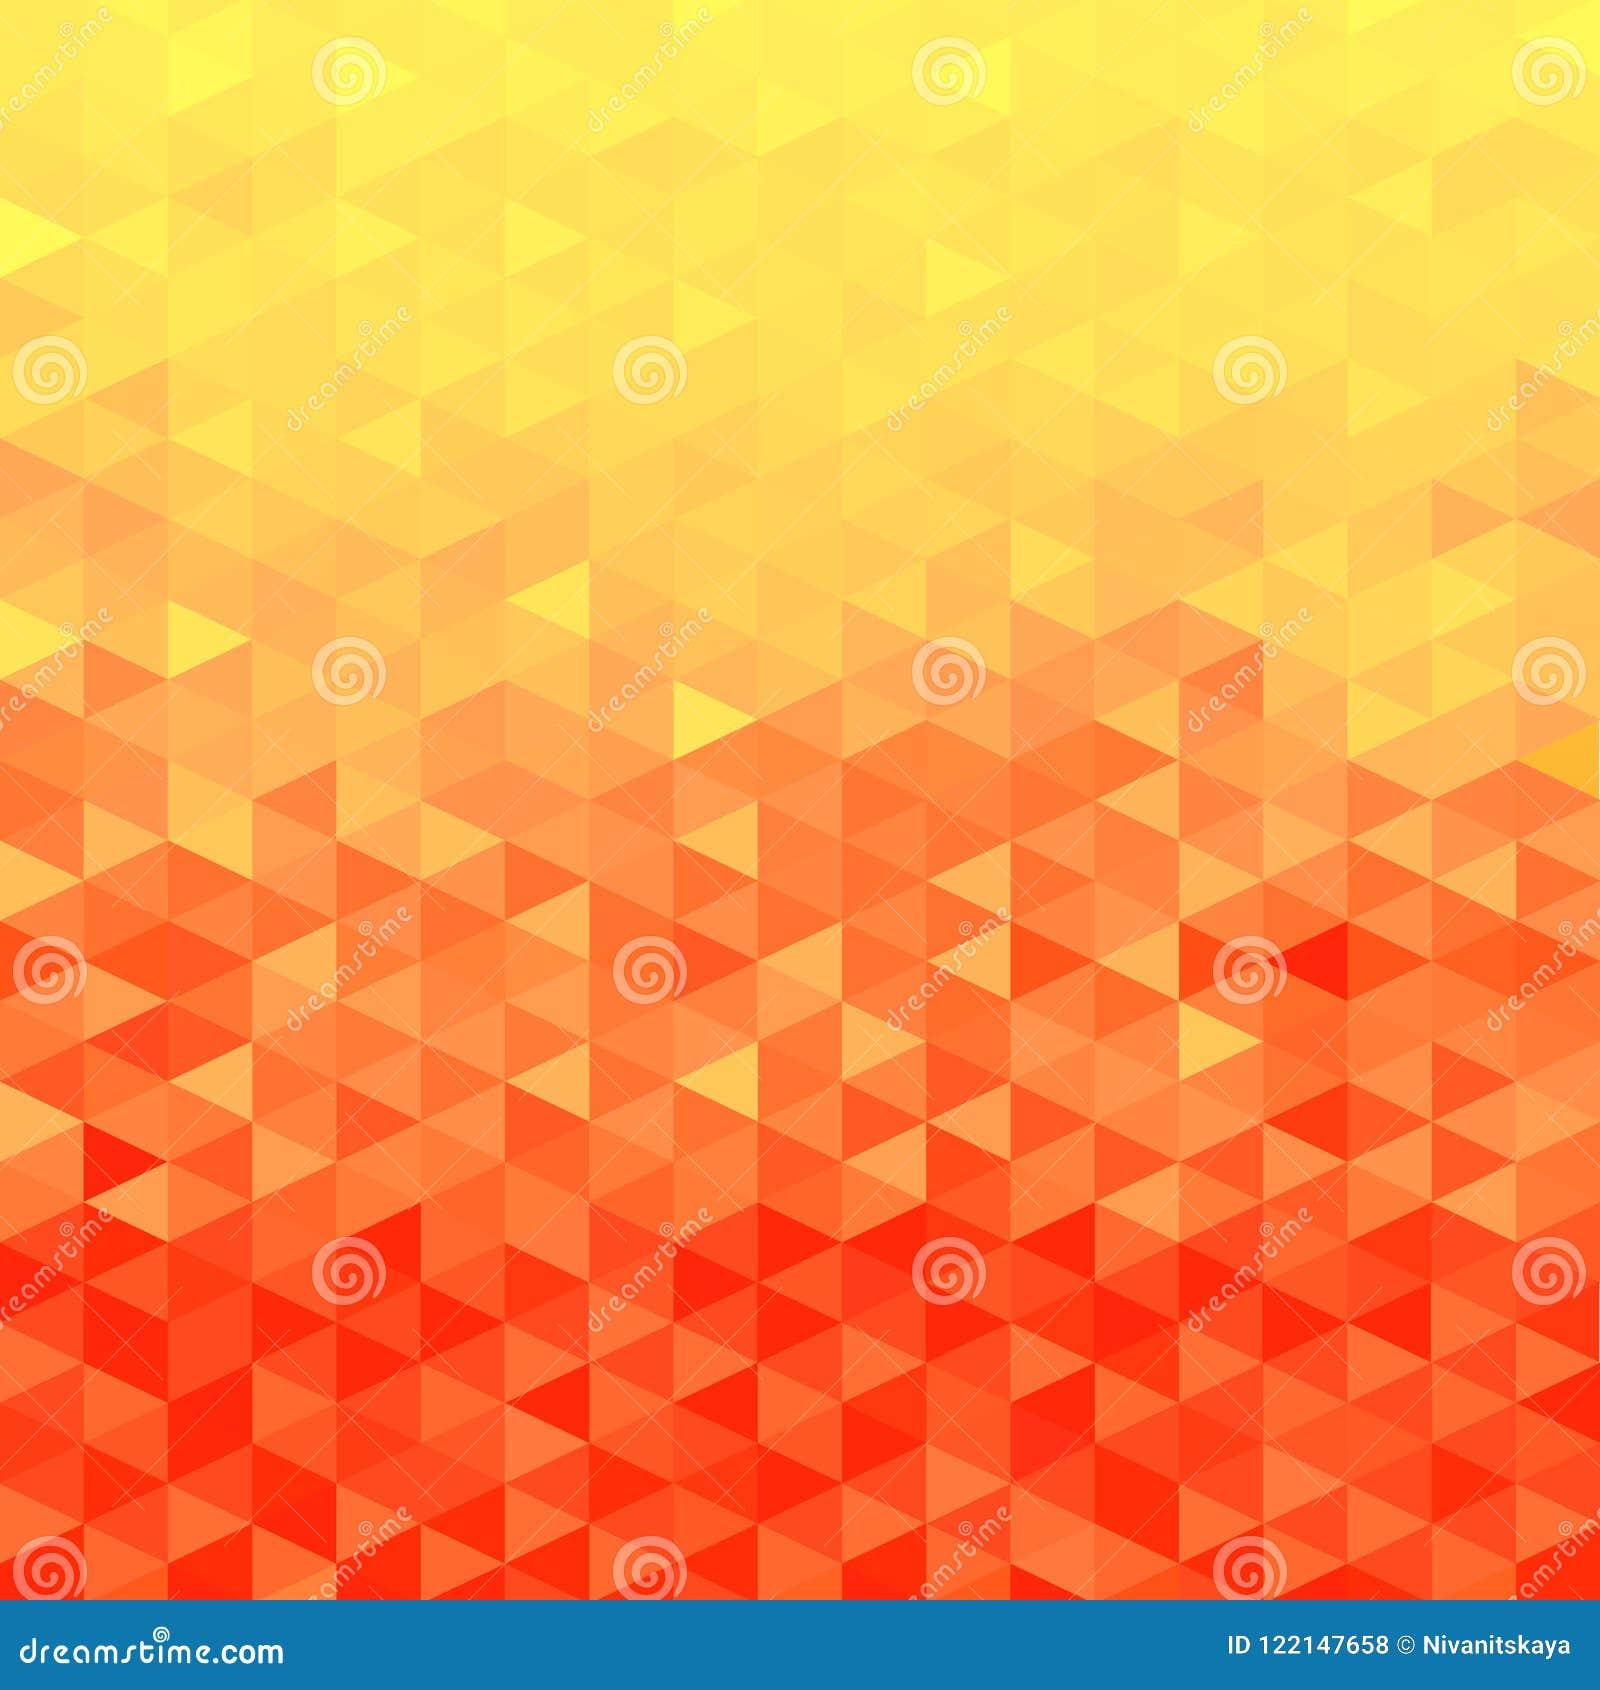 Orange crystal background. Triangle pattern. Orange background.